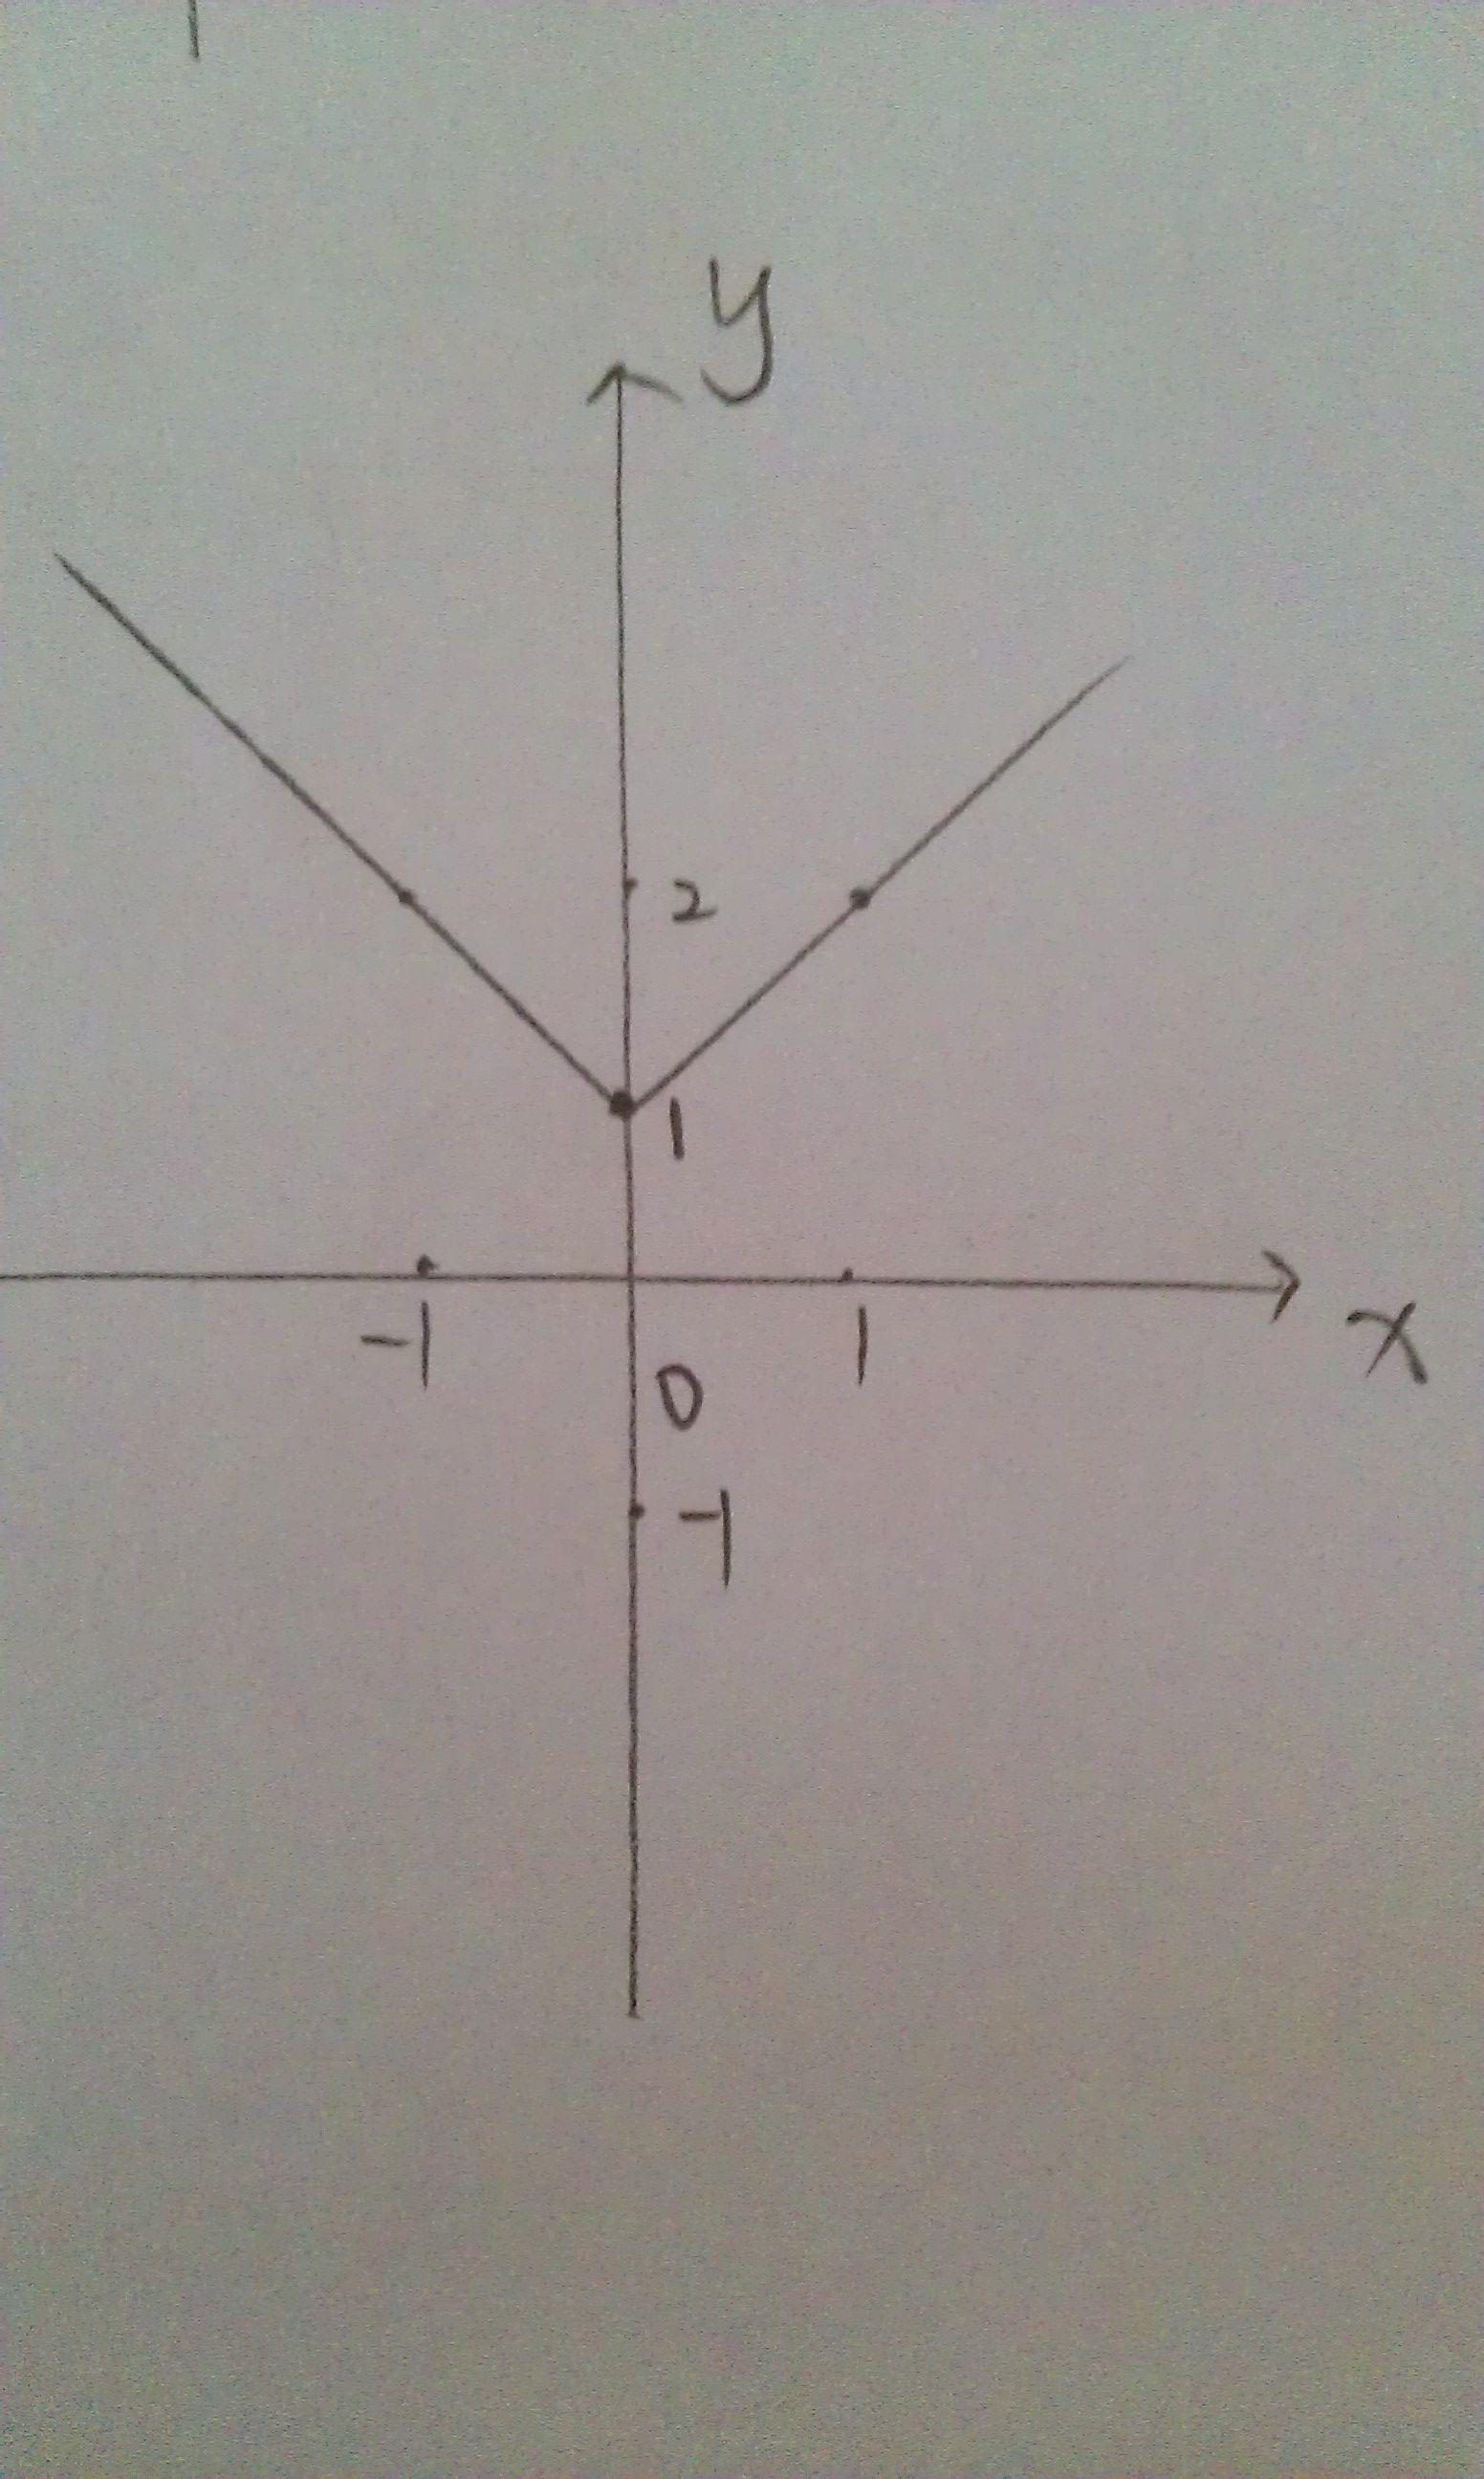 单缸�9��y�.������9f_方程x绝对值—y绝对值=1的图像是?